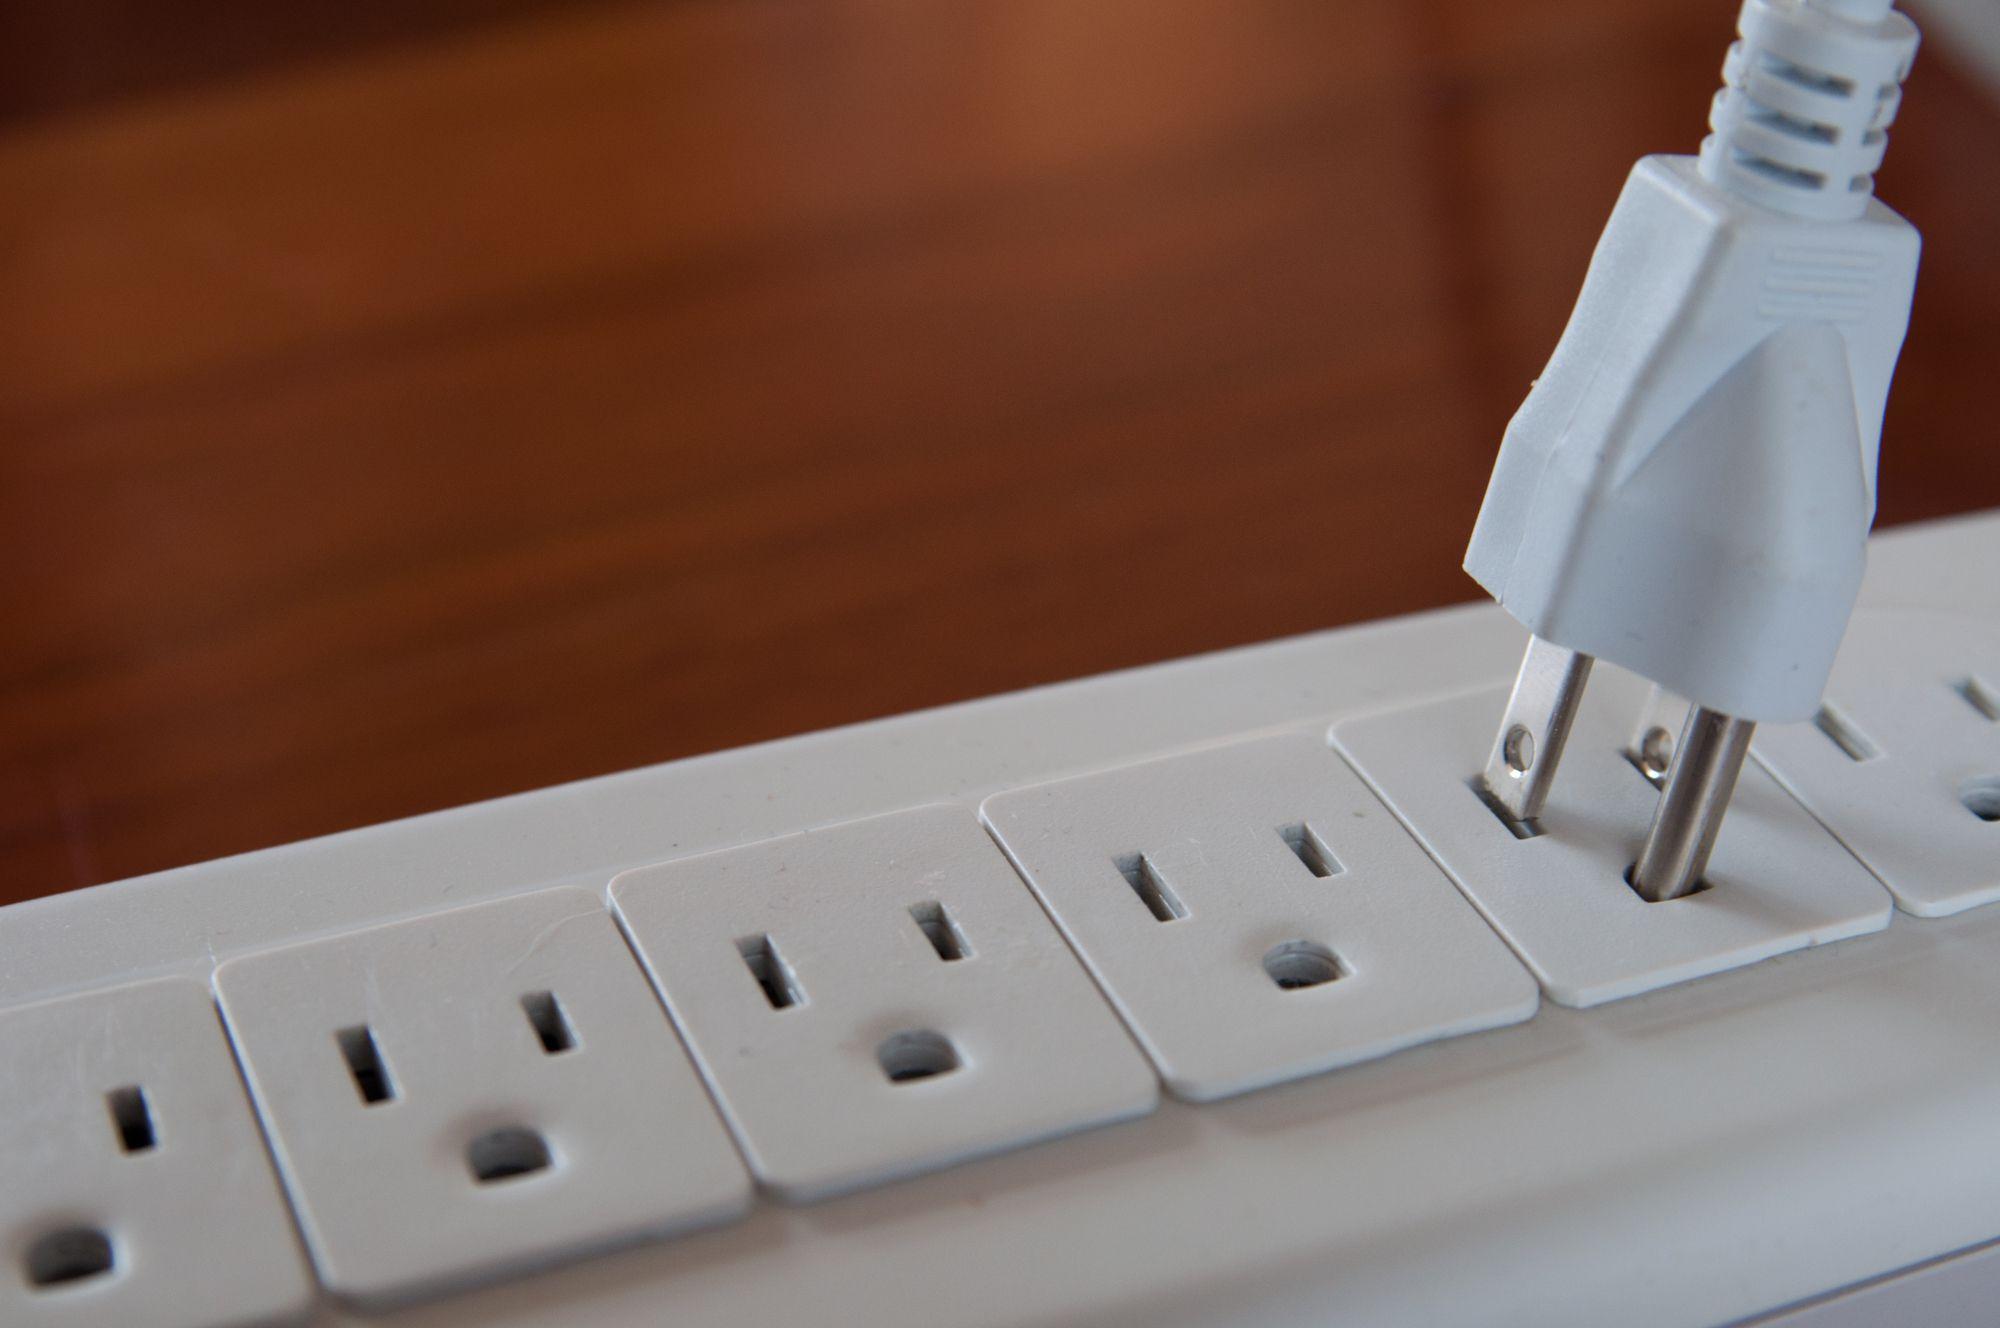 10.パソコンの放電処置を行う方法と理由_3875329_M_compressed